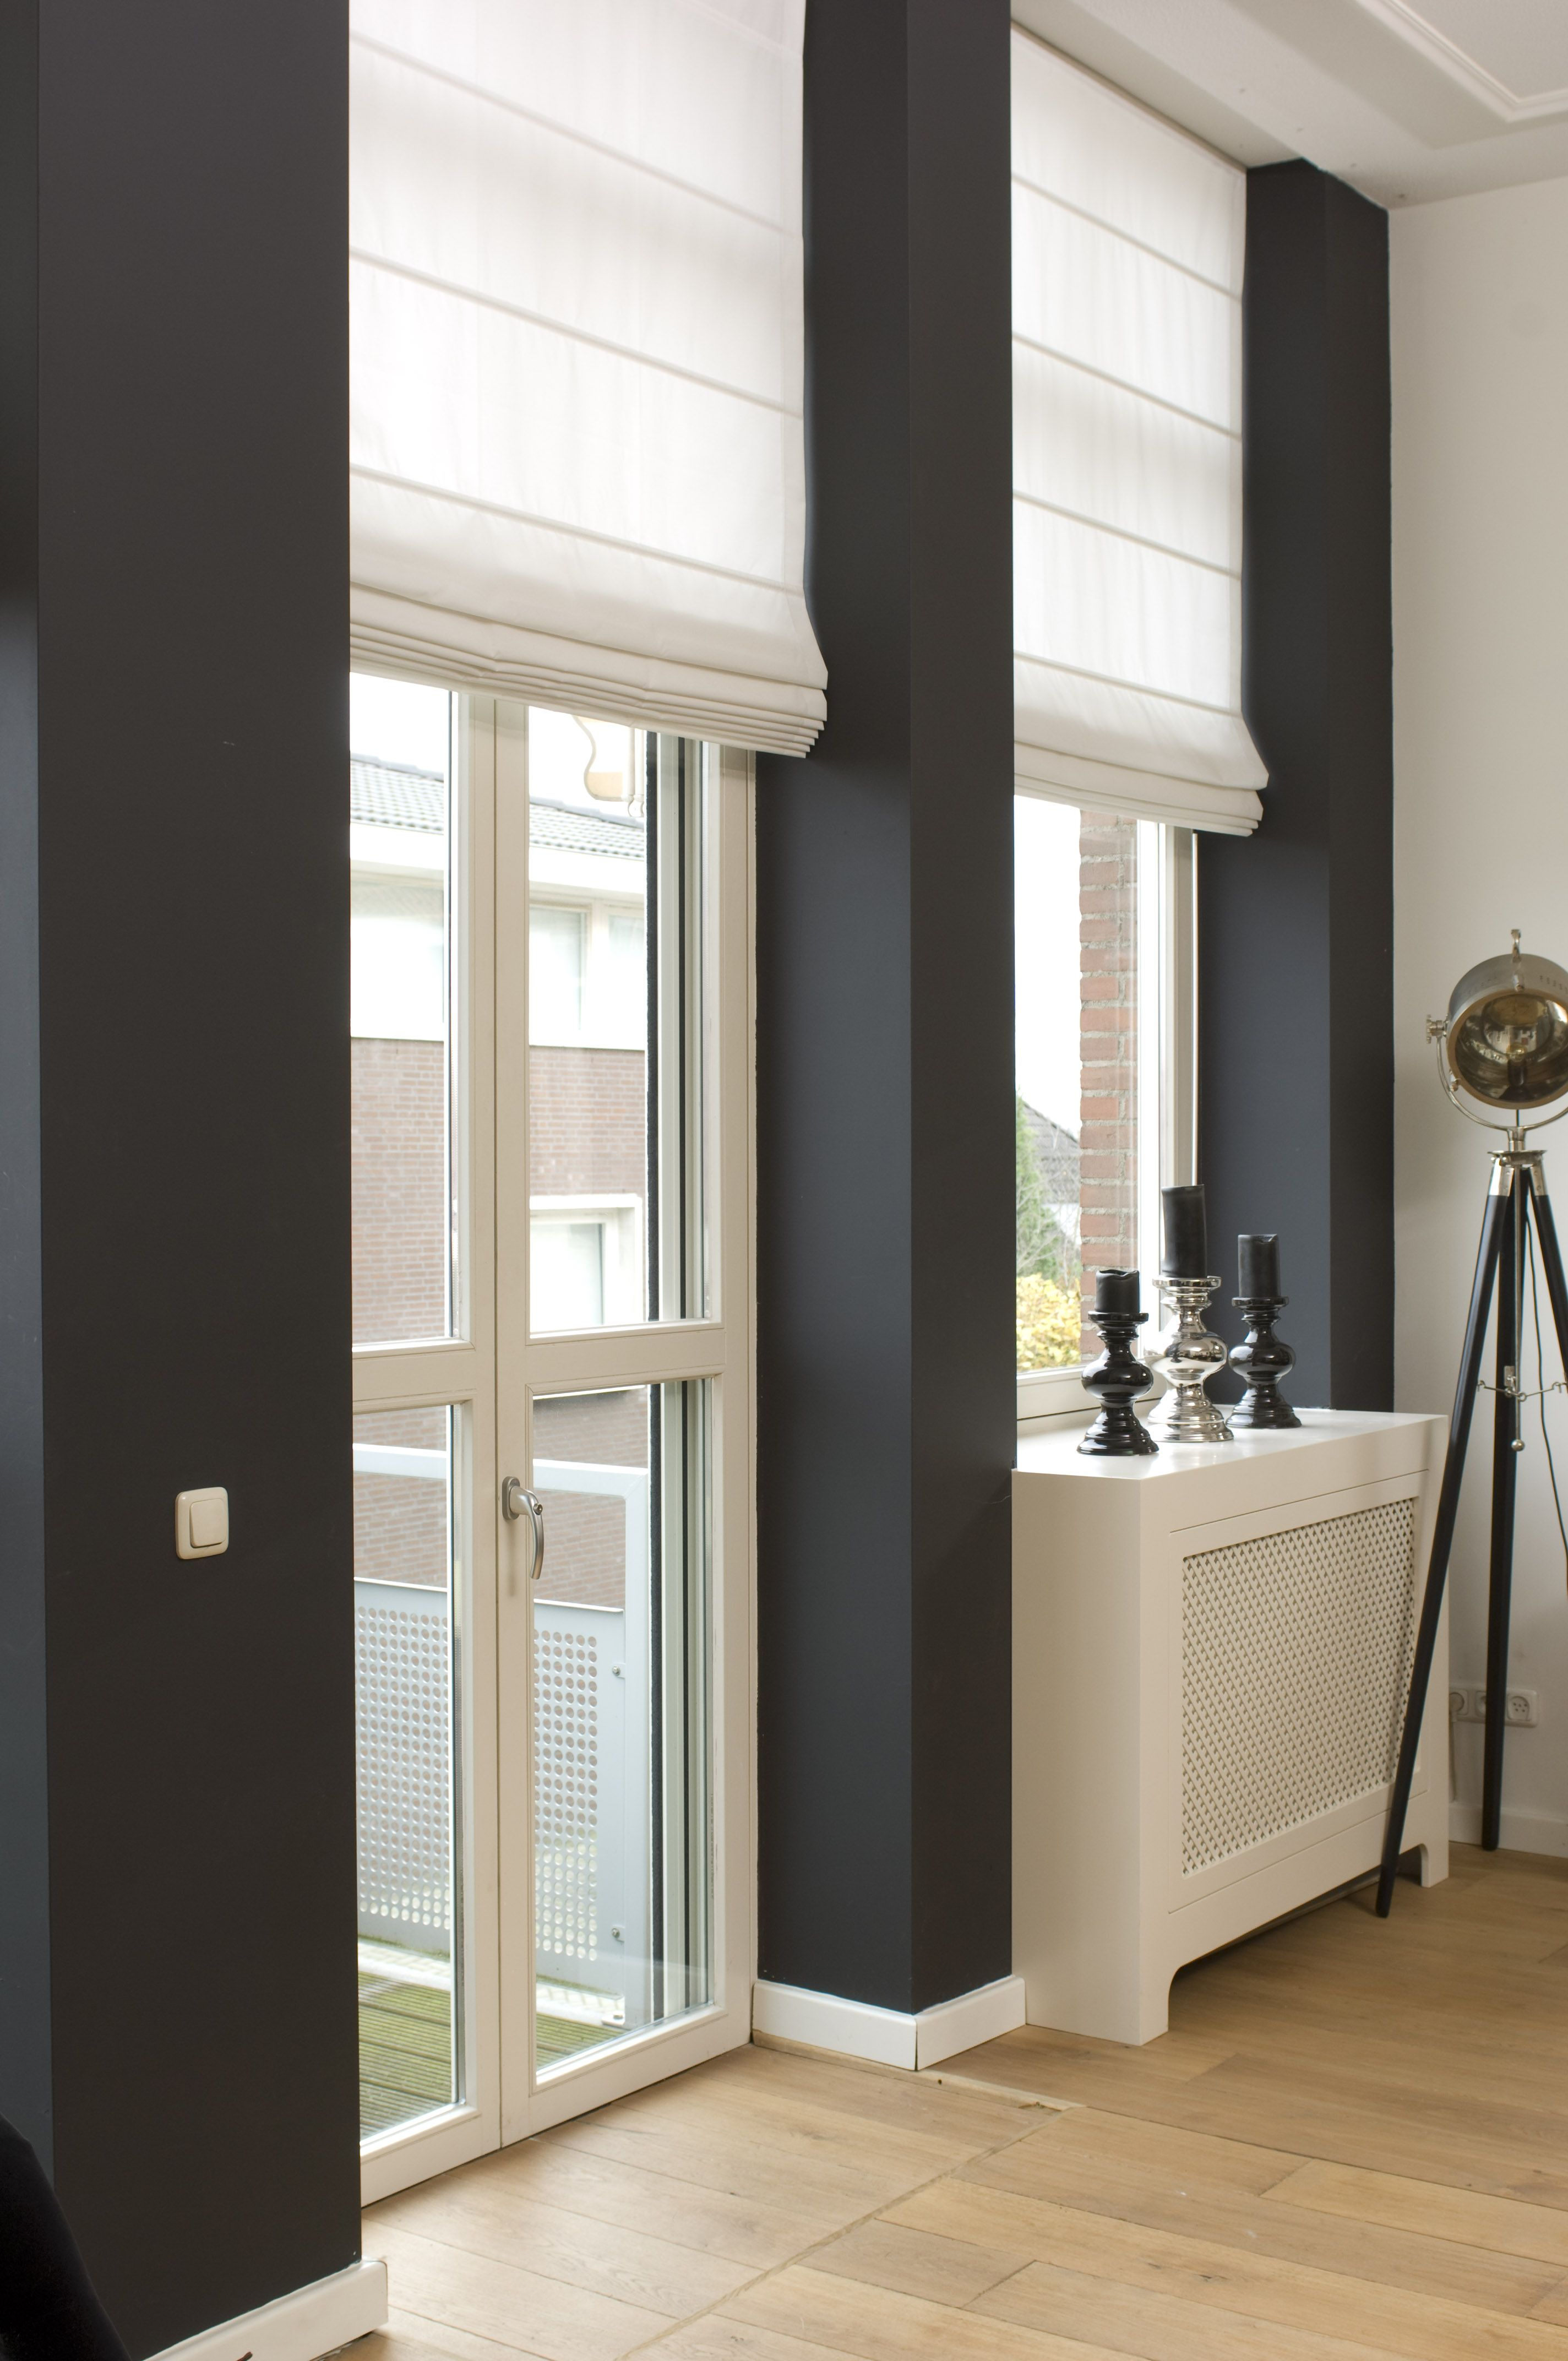 Roman Shades Gardinen Wohnzimmer Modern Vorhang Gestaltung